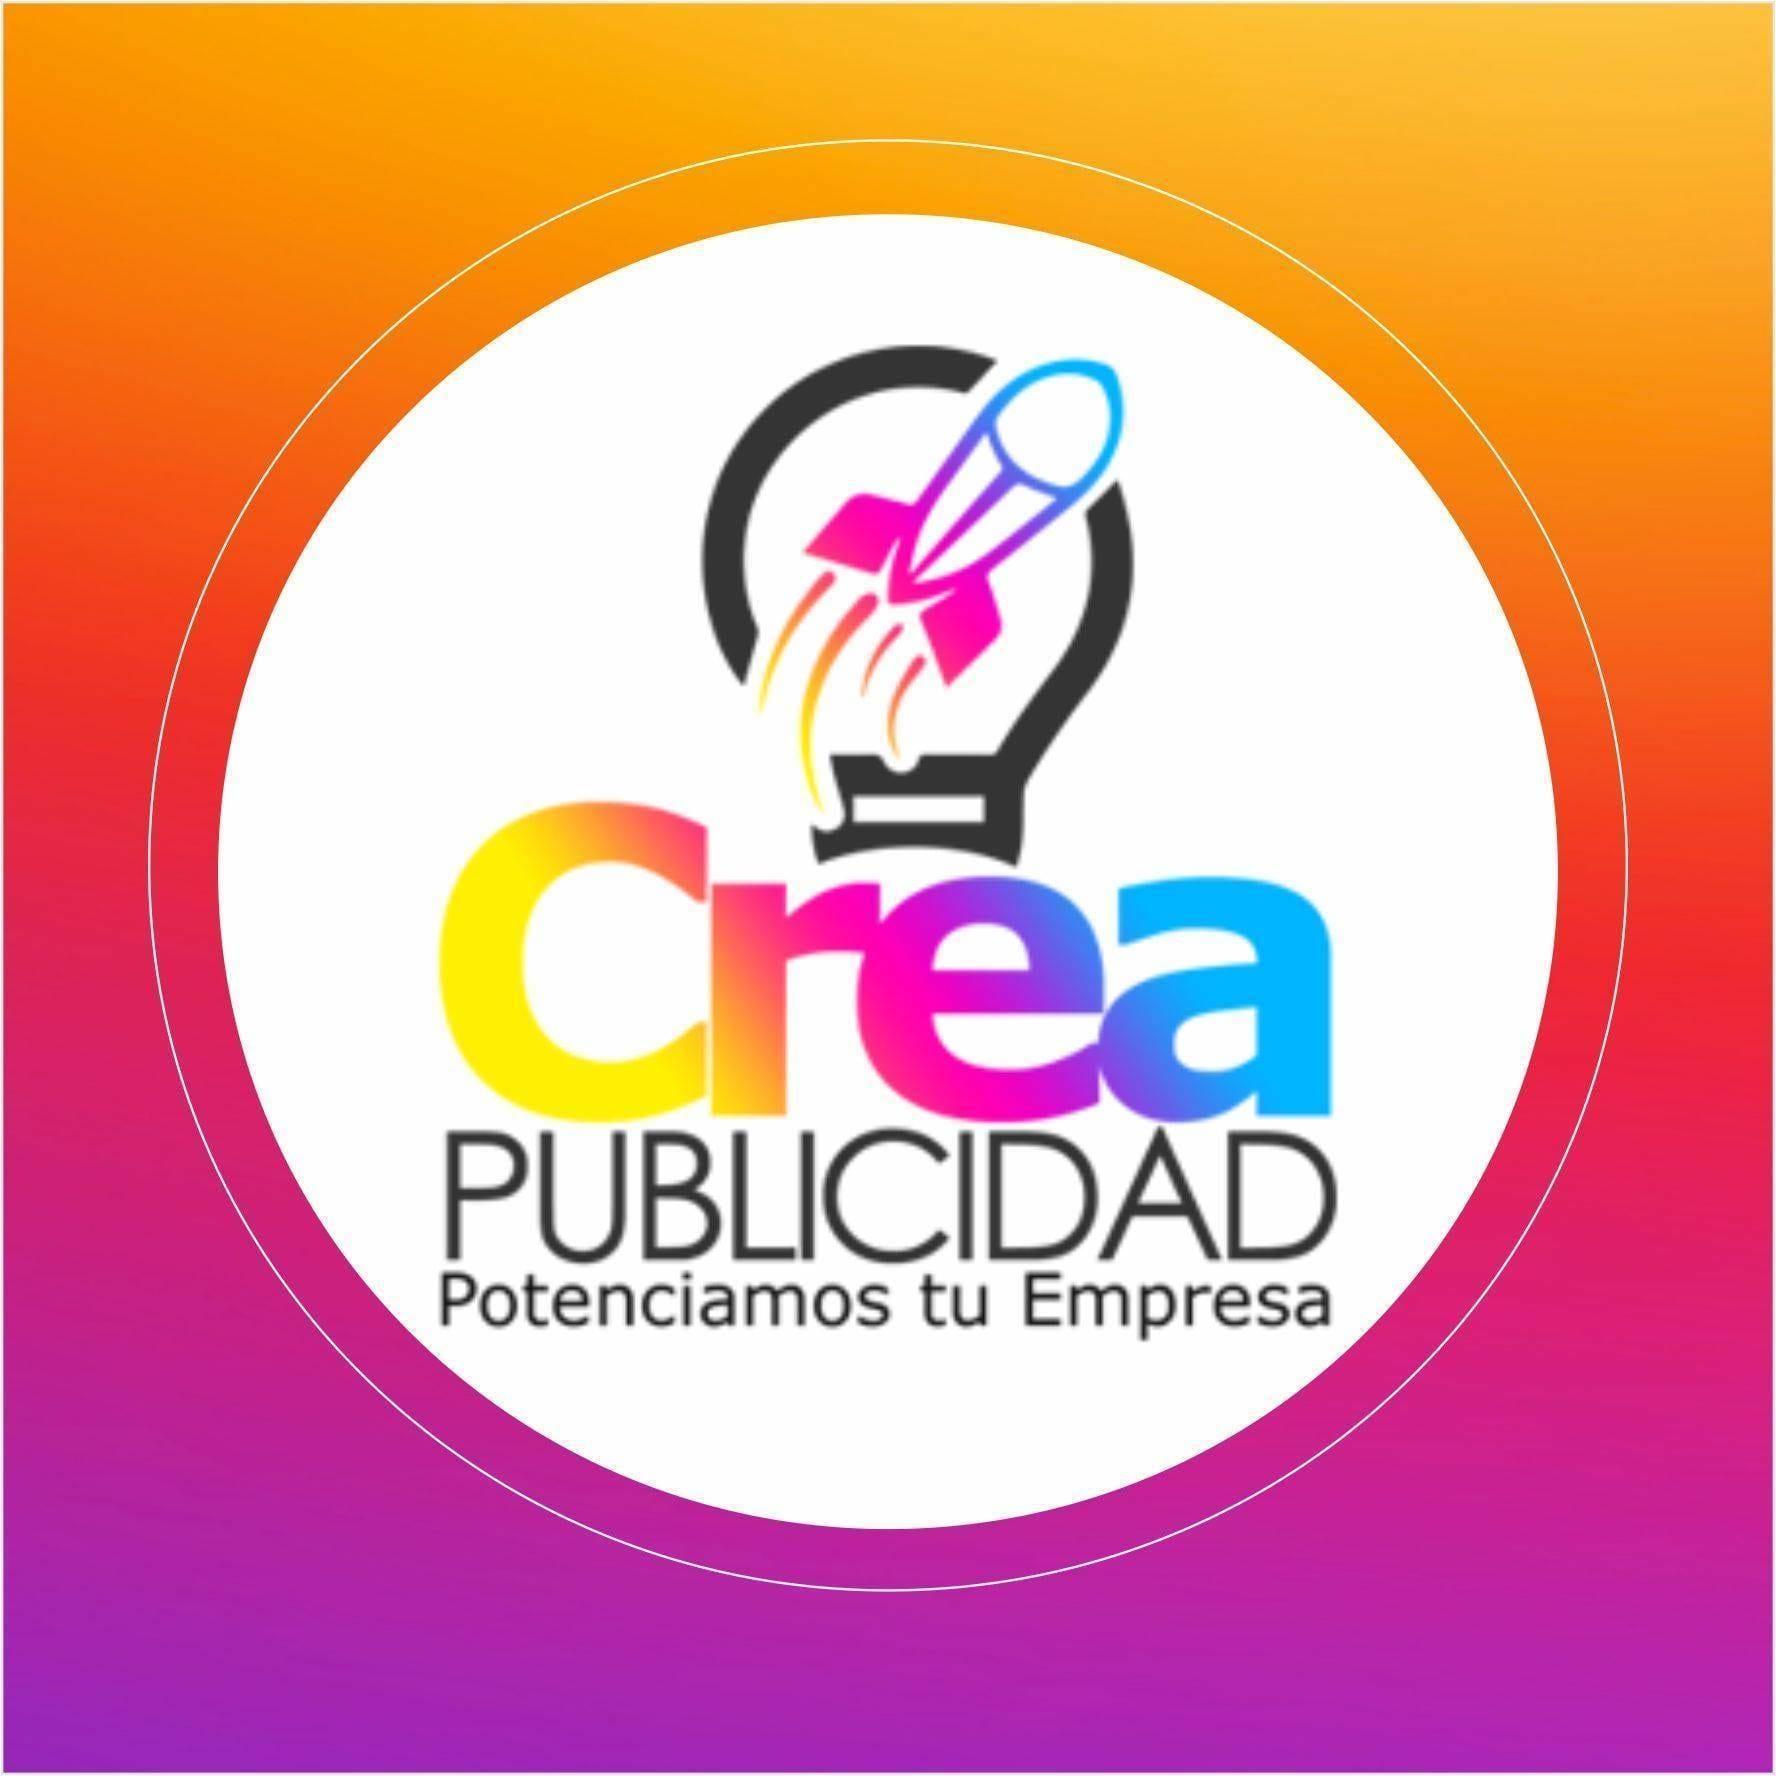 (c) Creapublicidad.cl